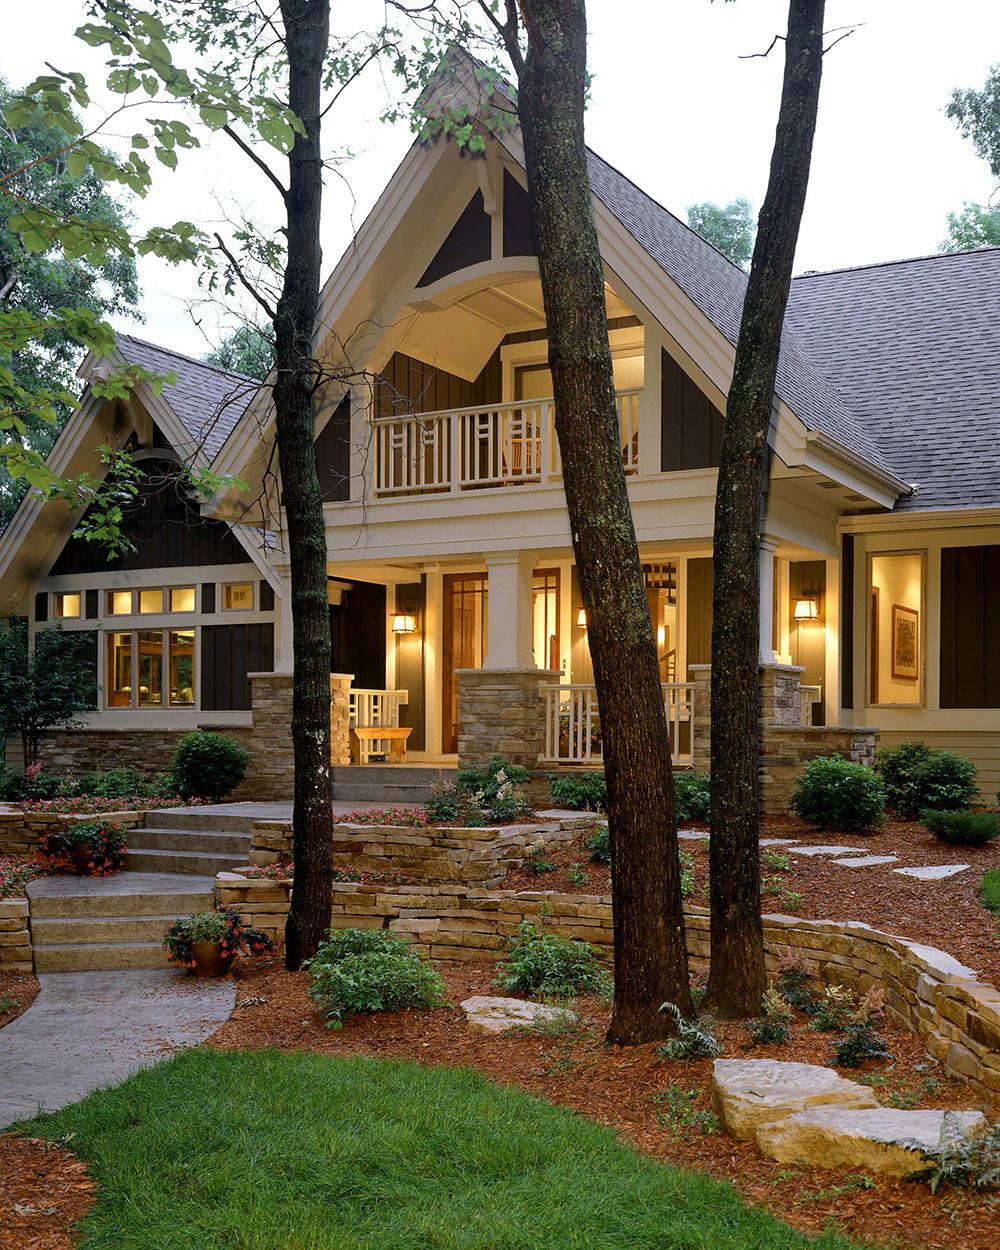 Viktiga saker du bör veta innan du köper ett hem 2 Viktiga saker du bör veta innan du köper ett hem